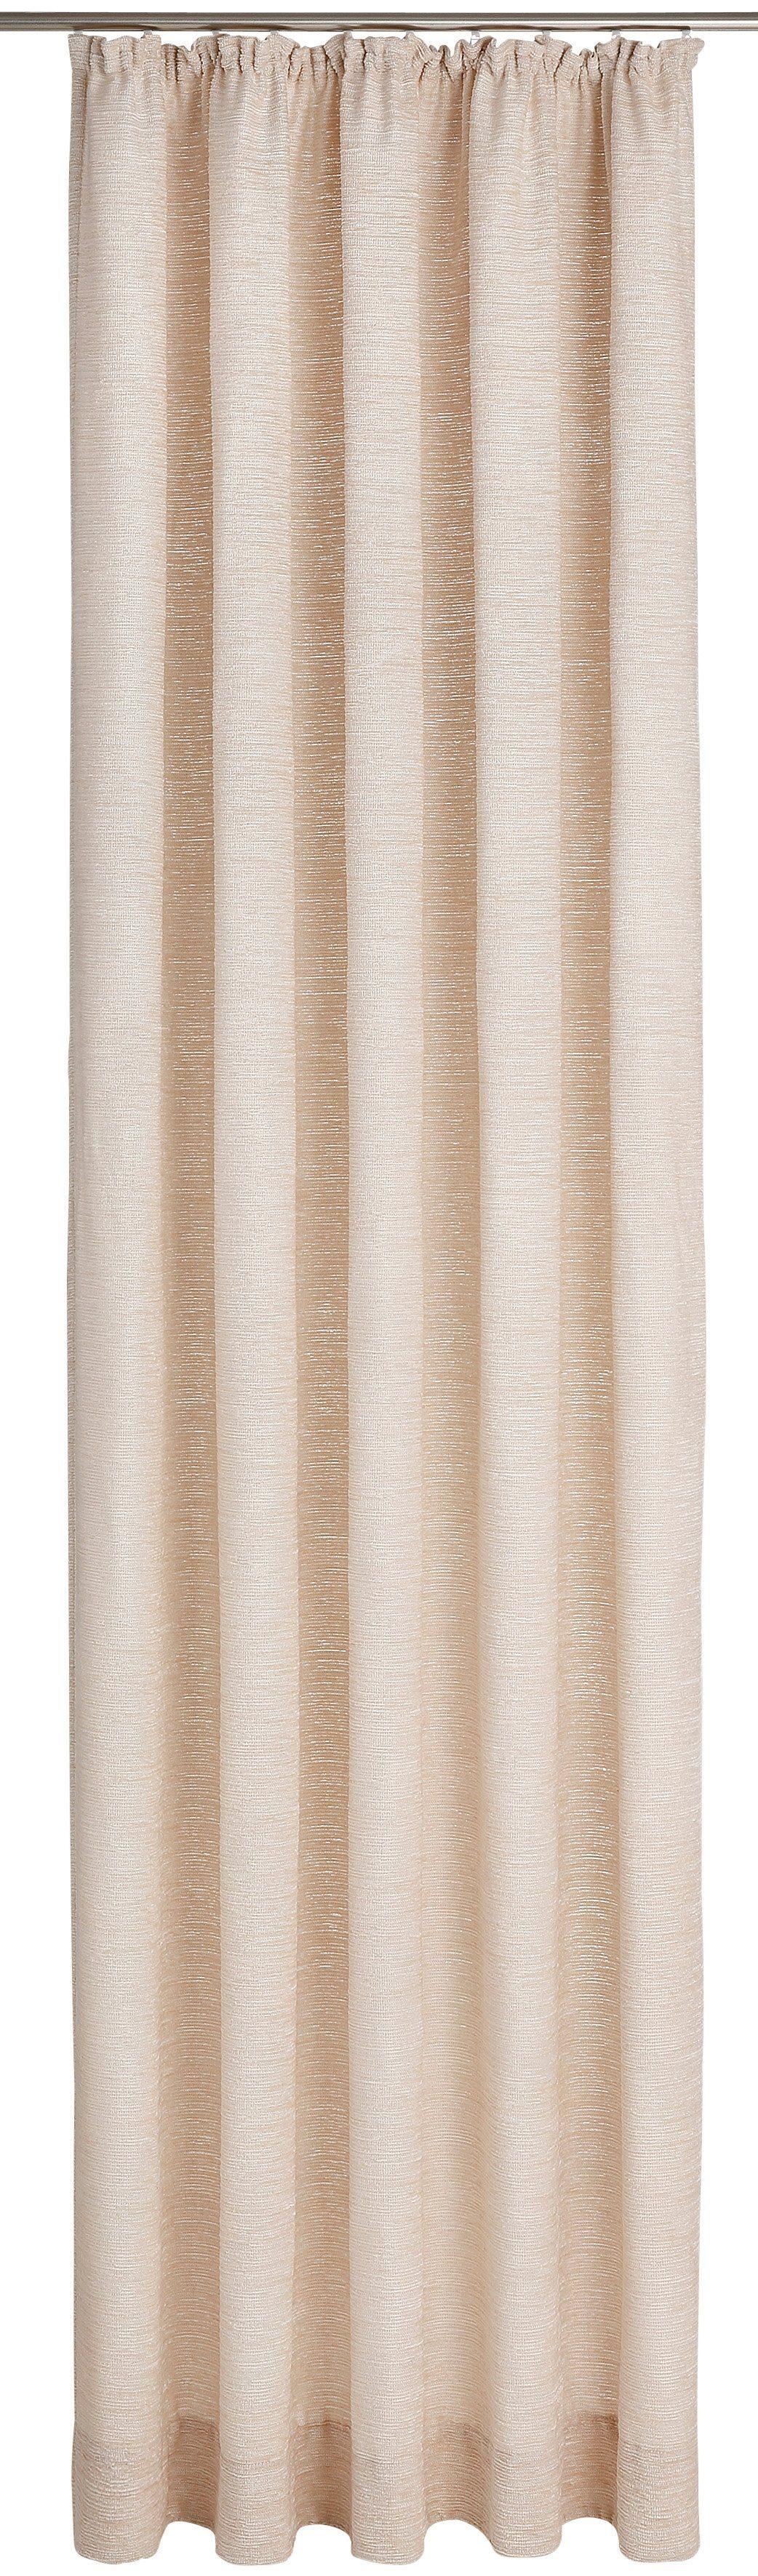 Vorhang »Trondheim 328 g/m²«, Wirth, Kräuselband (1 Stück)